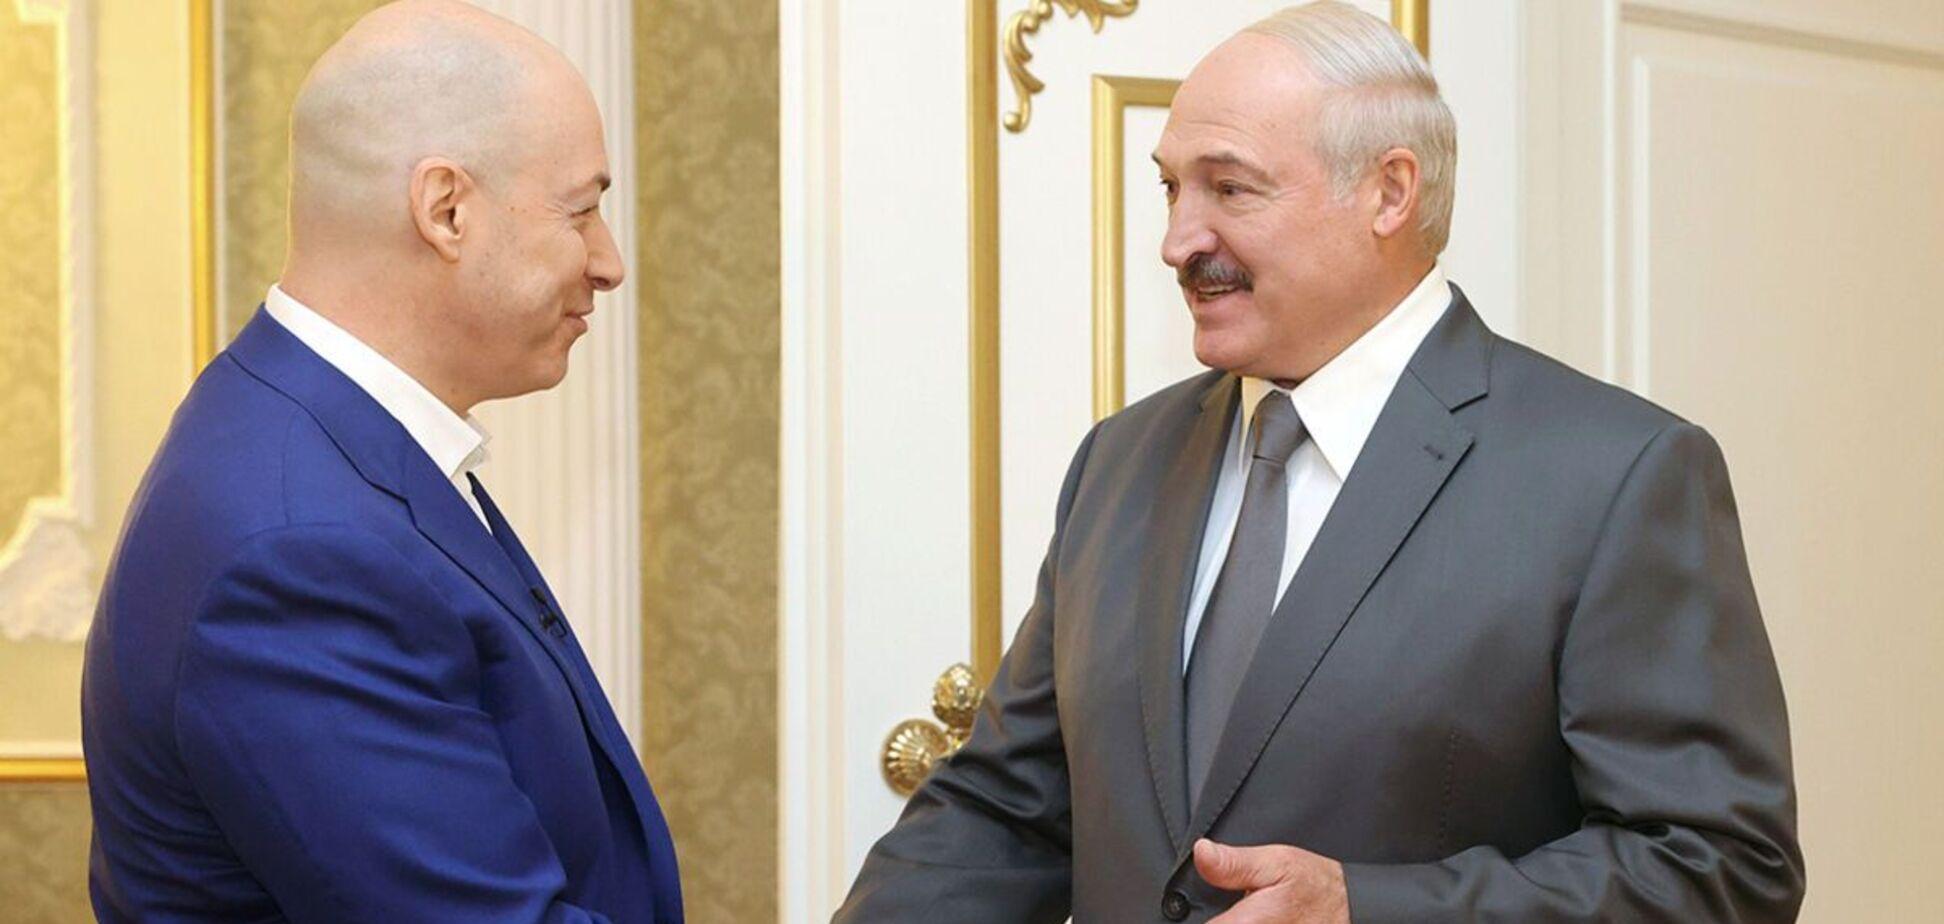 За 2 часа беседы Гордон не задал Лукашенко ни одного острого вопроса. Источник: РБК